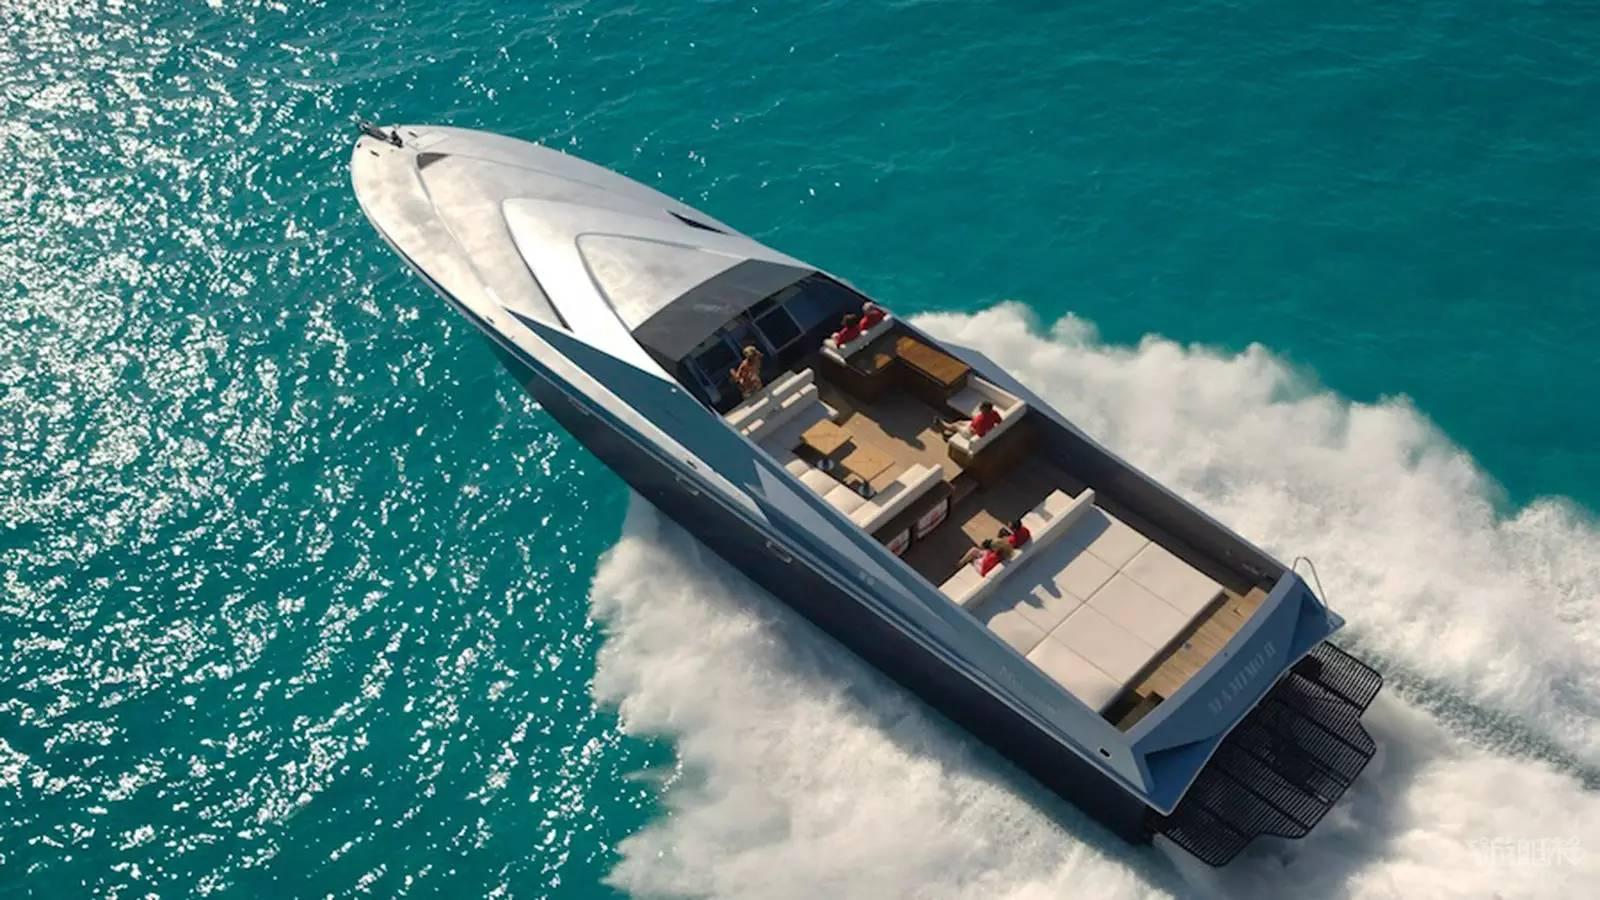 与Rossinavi联手推出了一艘豪华概念游艇——Super Sport 65